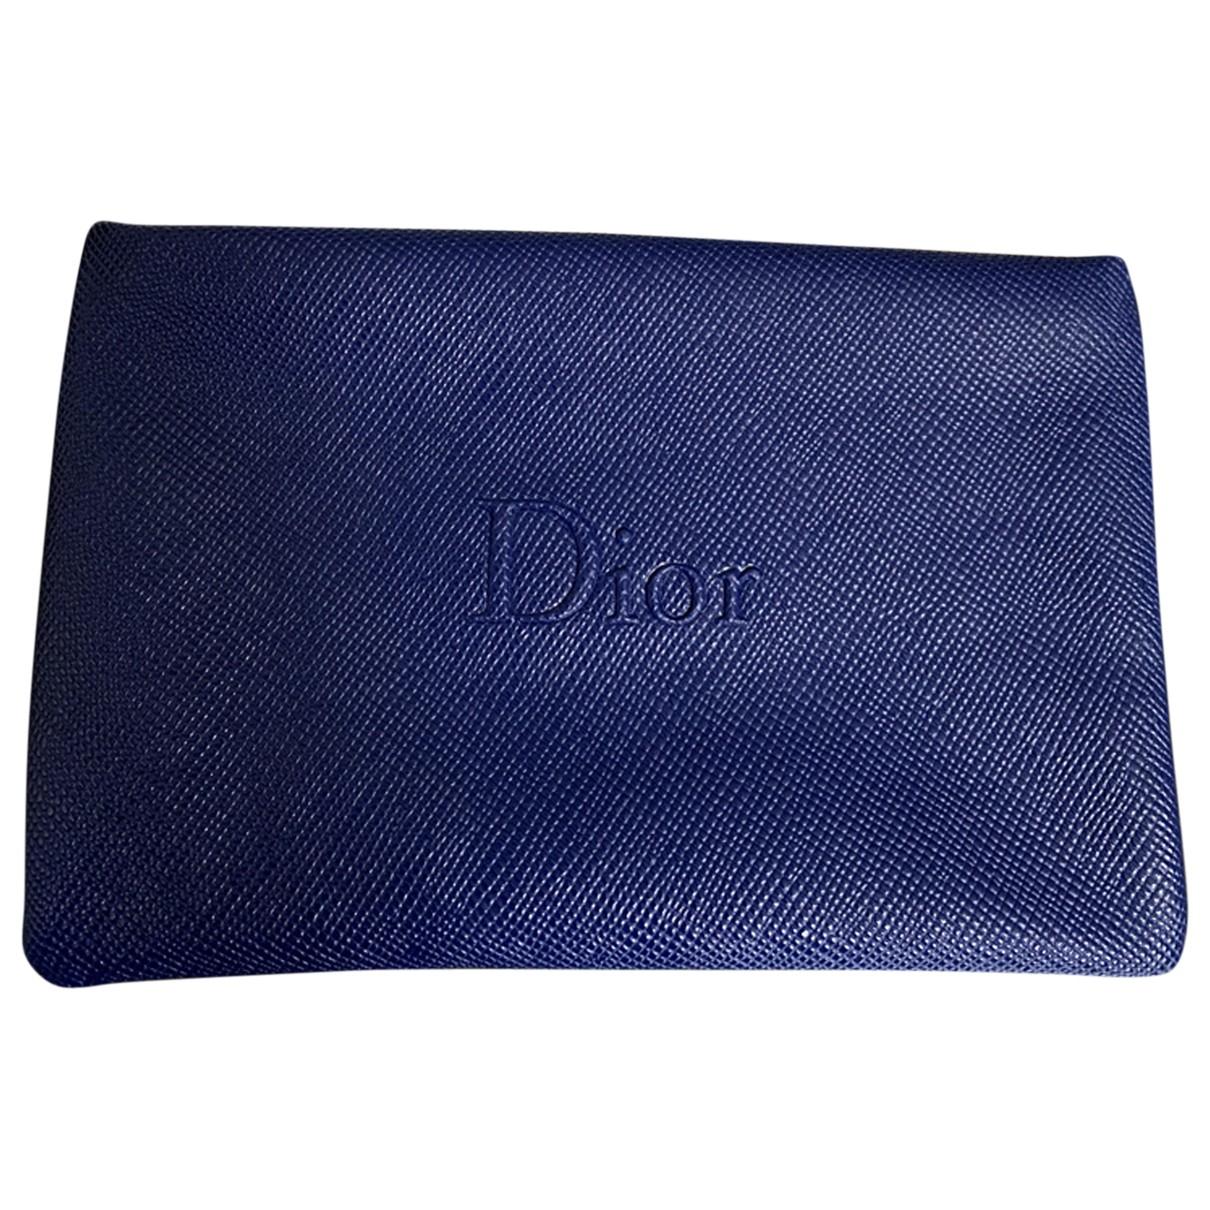 Bolsos clutch en Sintetico Azul Dior